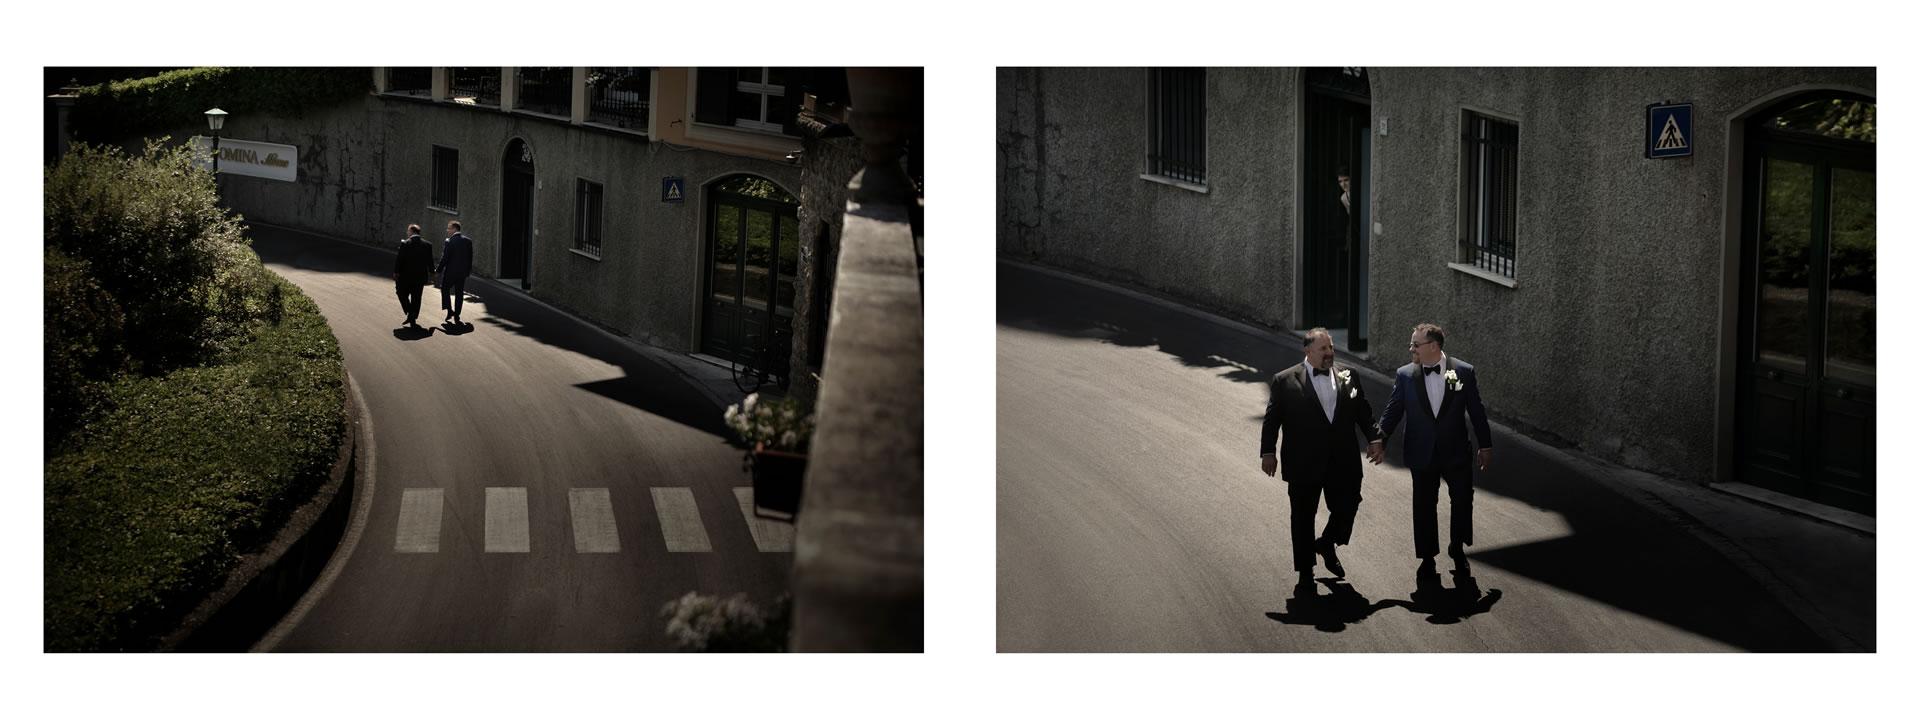 same-sex-love-in-portofino-david-bastianoni-photographer-00012 - 12 :: Wedding in Portofino // WPPI 2018 // The man that I love :: Luxury wedding photography - 11 :: same-sex-love-in-portofino-david-bastianoni-photographer-00012 - 12